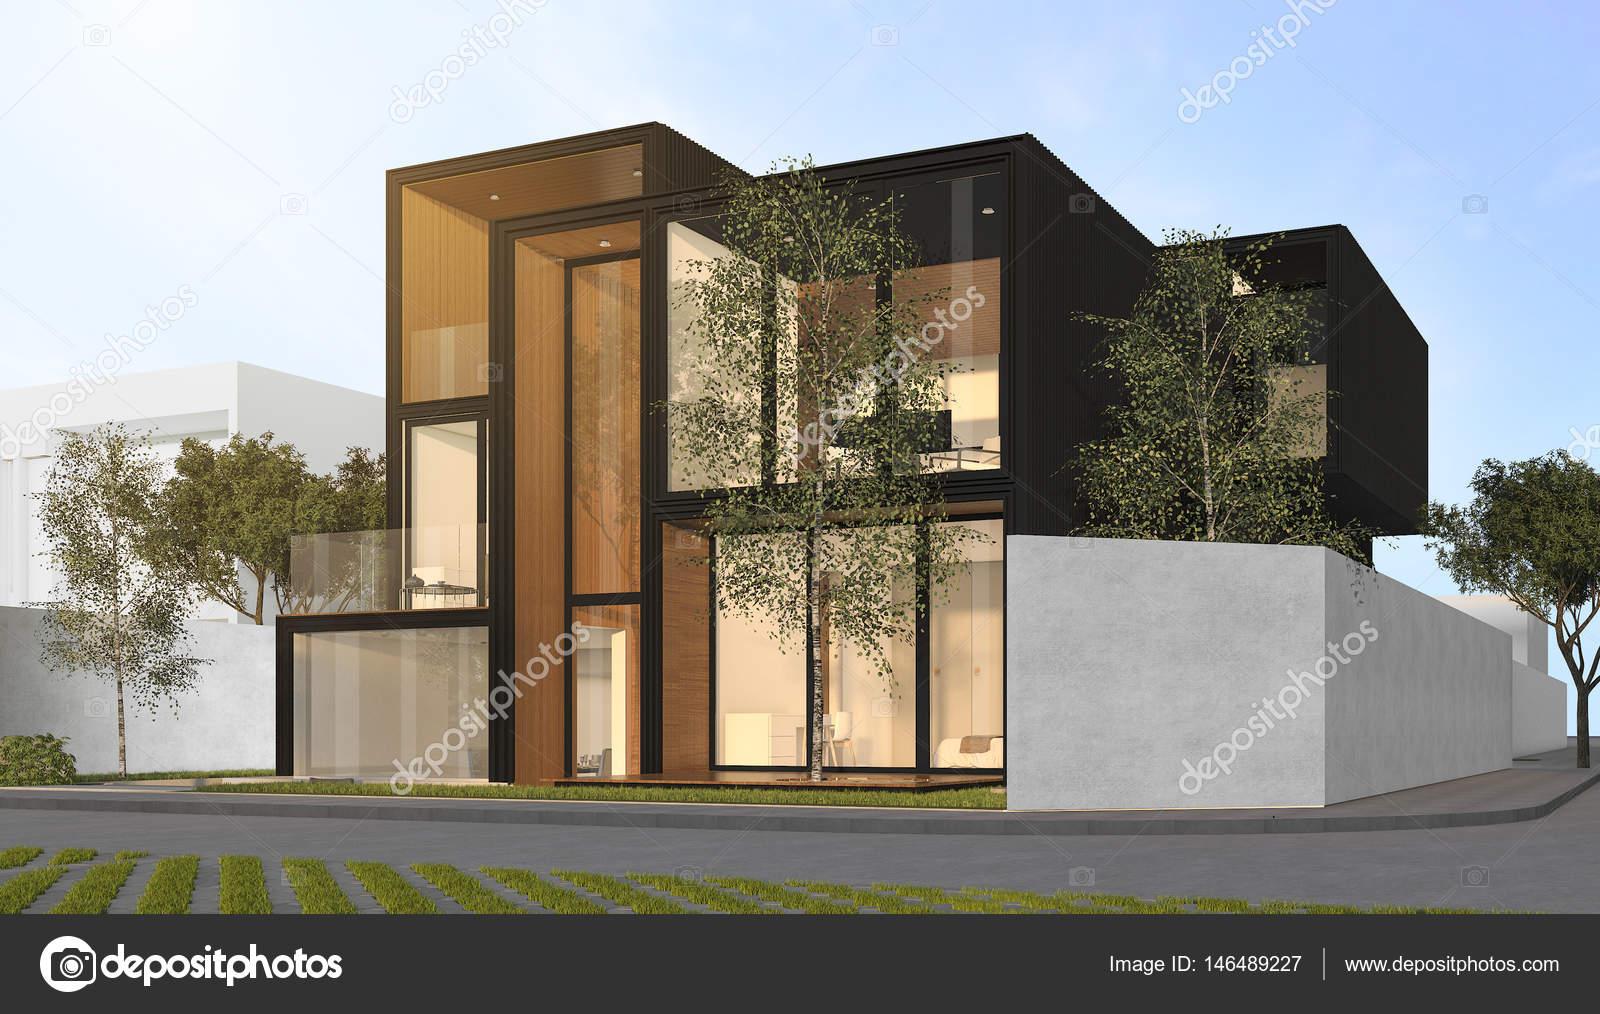 3D Rendering schwarz modernes Haus — Stockfoto © dit26978 #146489227